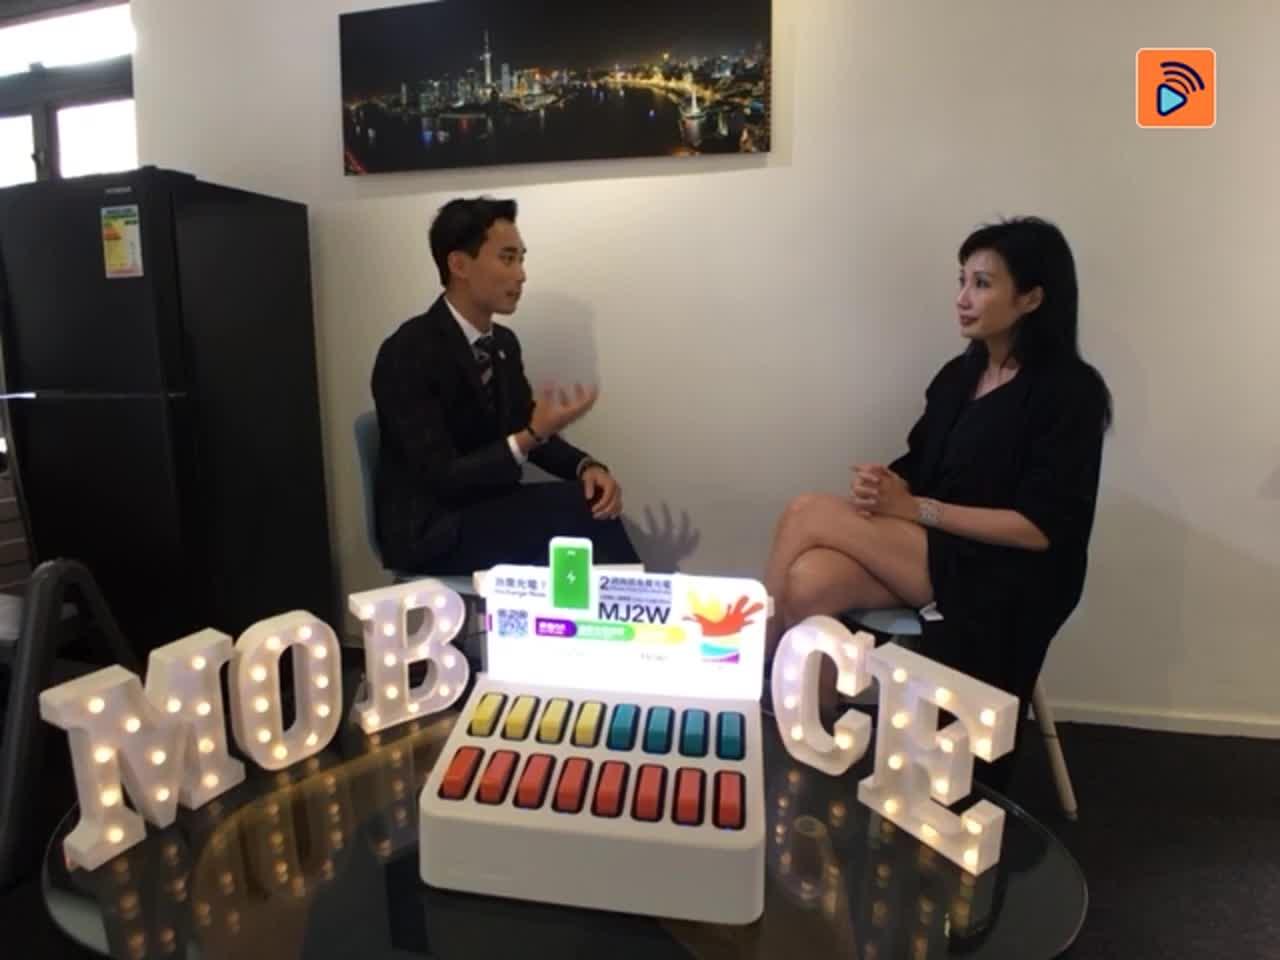 【後生仔創吓業 精華版】Vitas本地Start-Up考察,香港創業要八位數字?